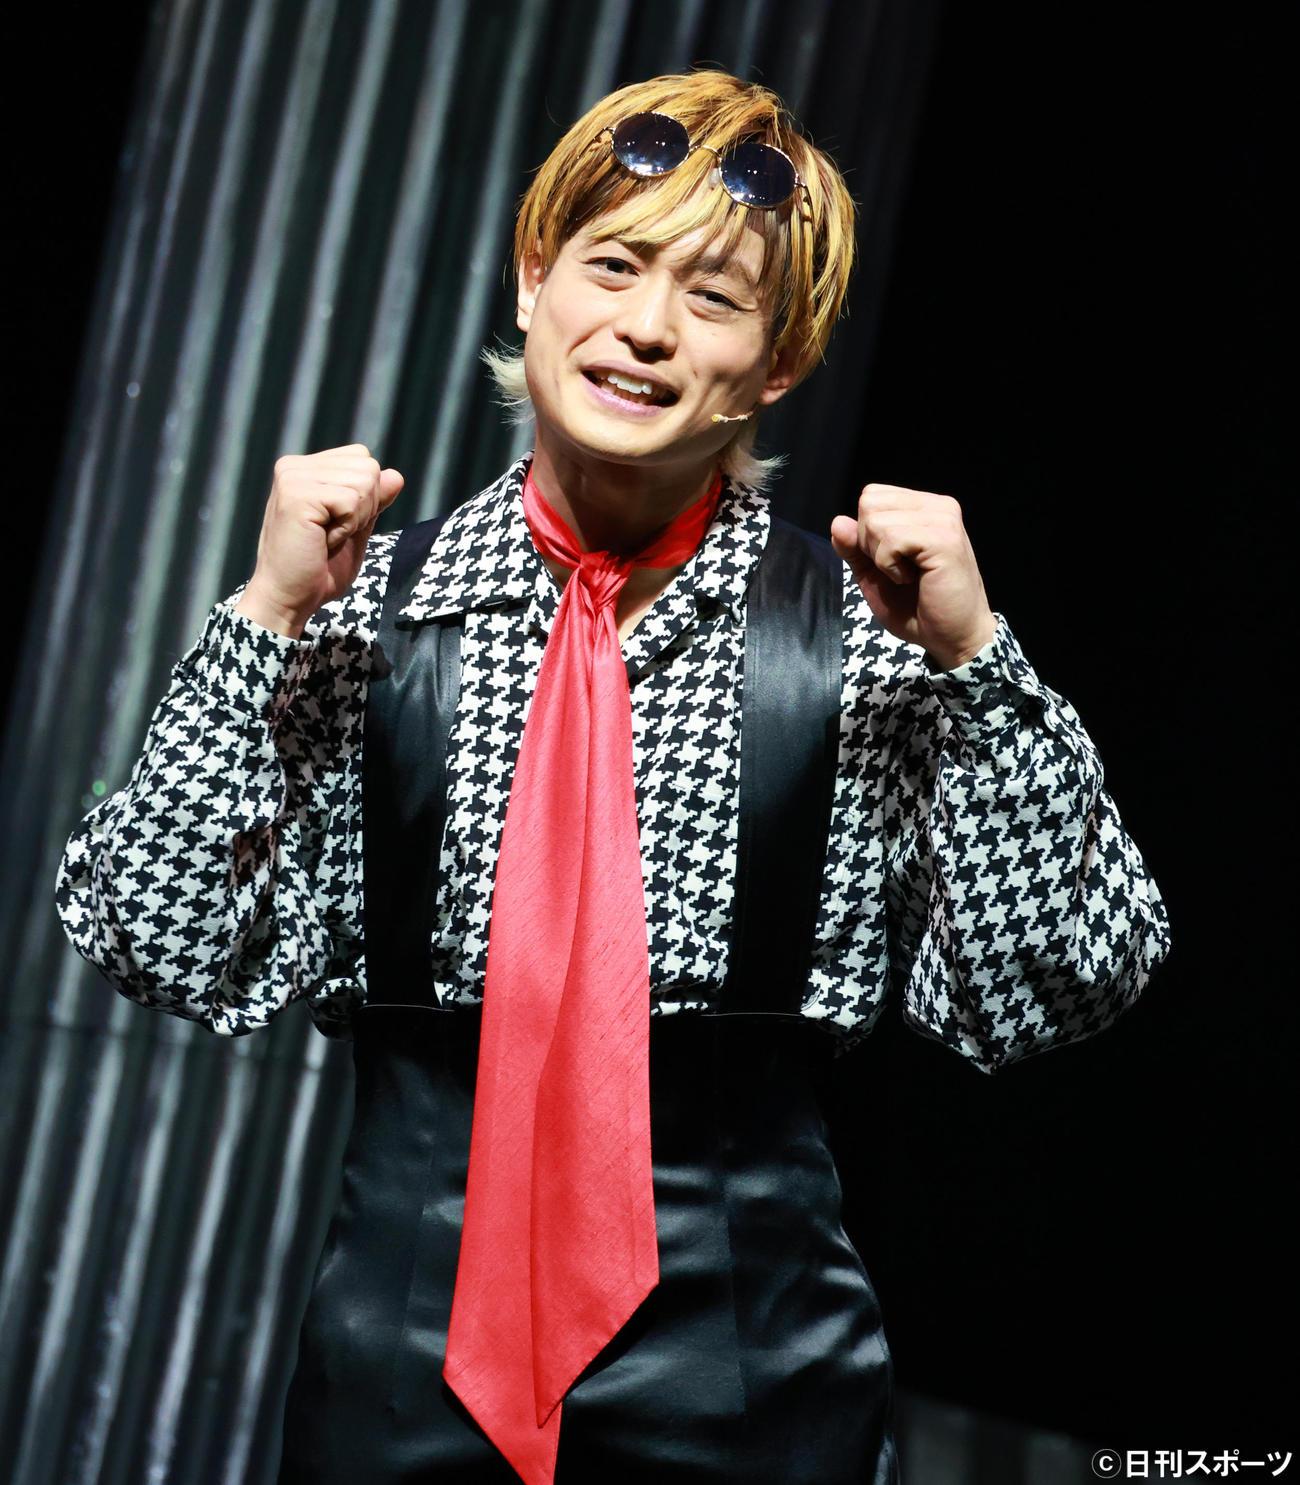 舞台「Mogut」開幕直前取材で思いを語る塚田僚一(撮影・中島郁夫)